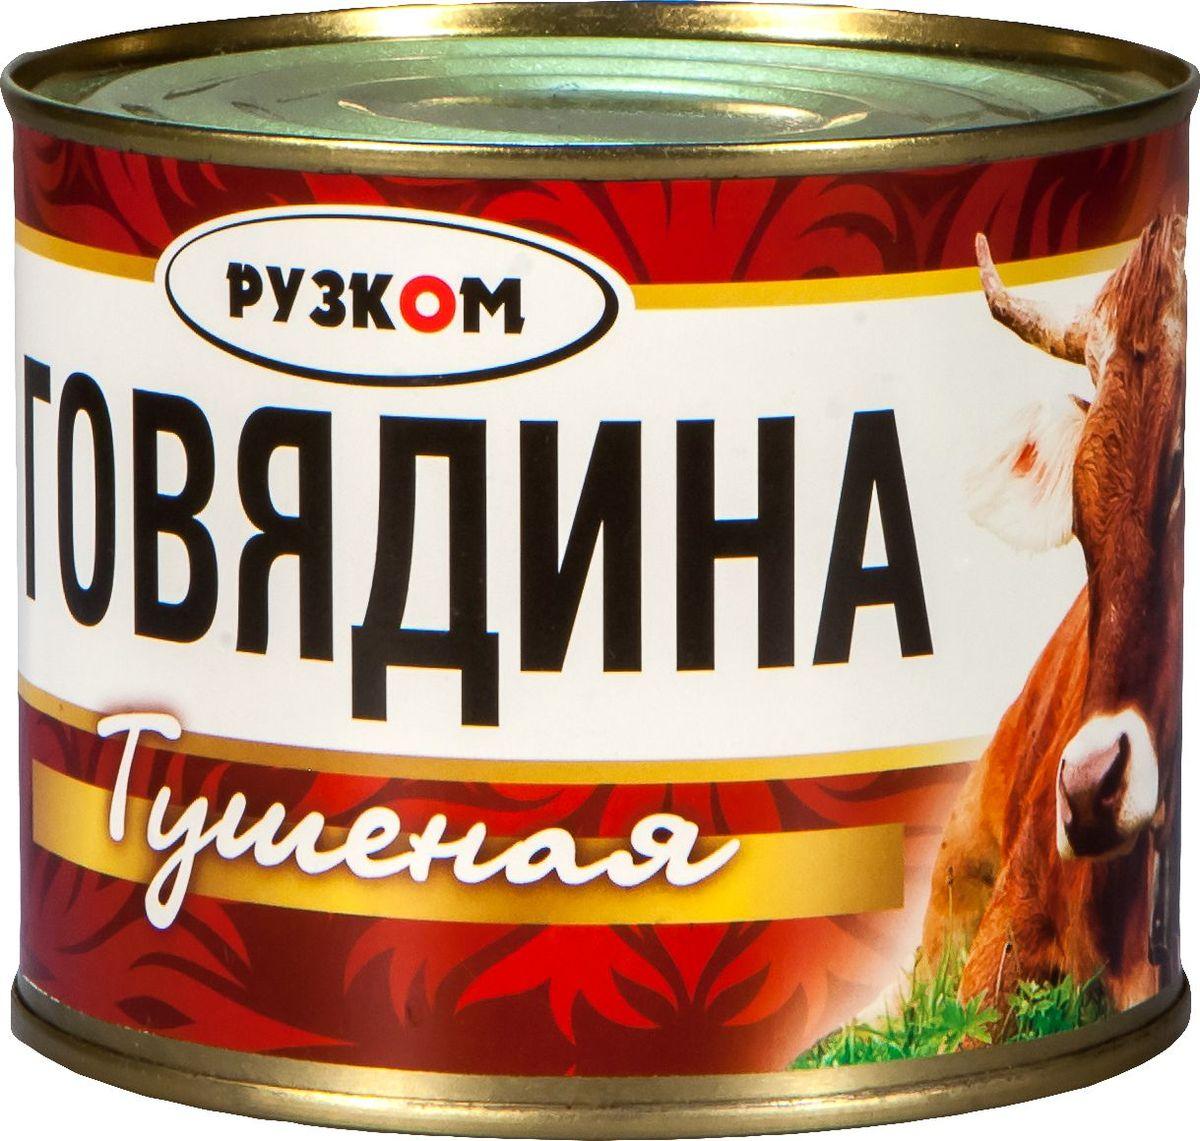 Рузком Говядина тушеная высший сорт ГОСТ, 525 г барс говядина тушеная высший сорт гост 325 г